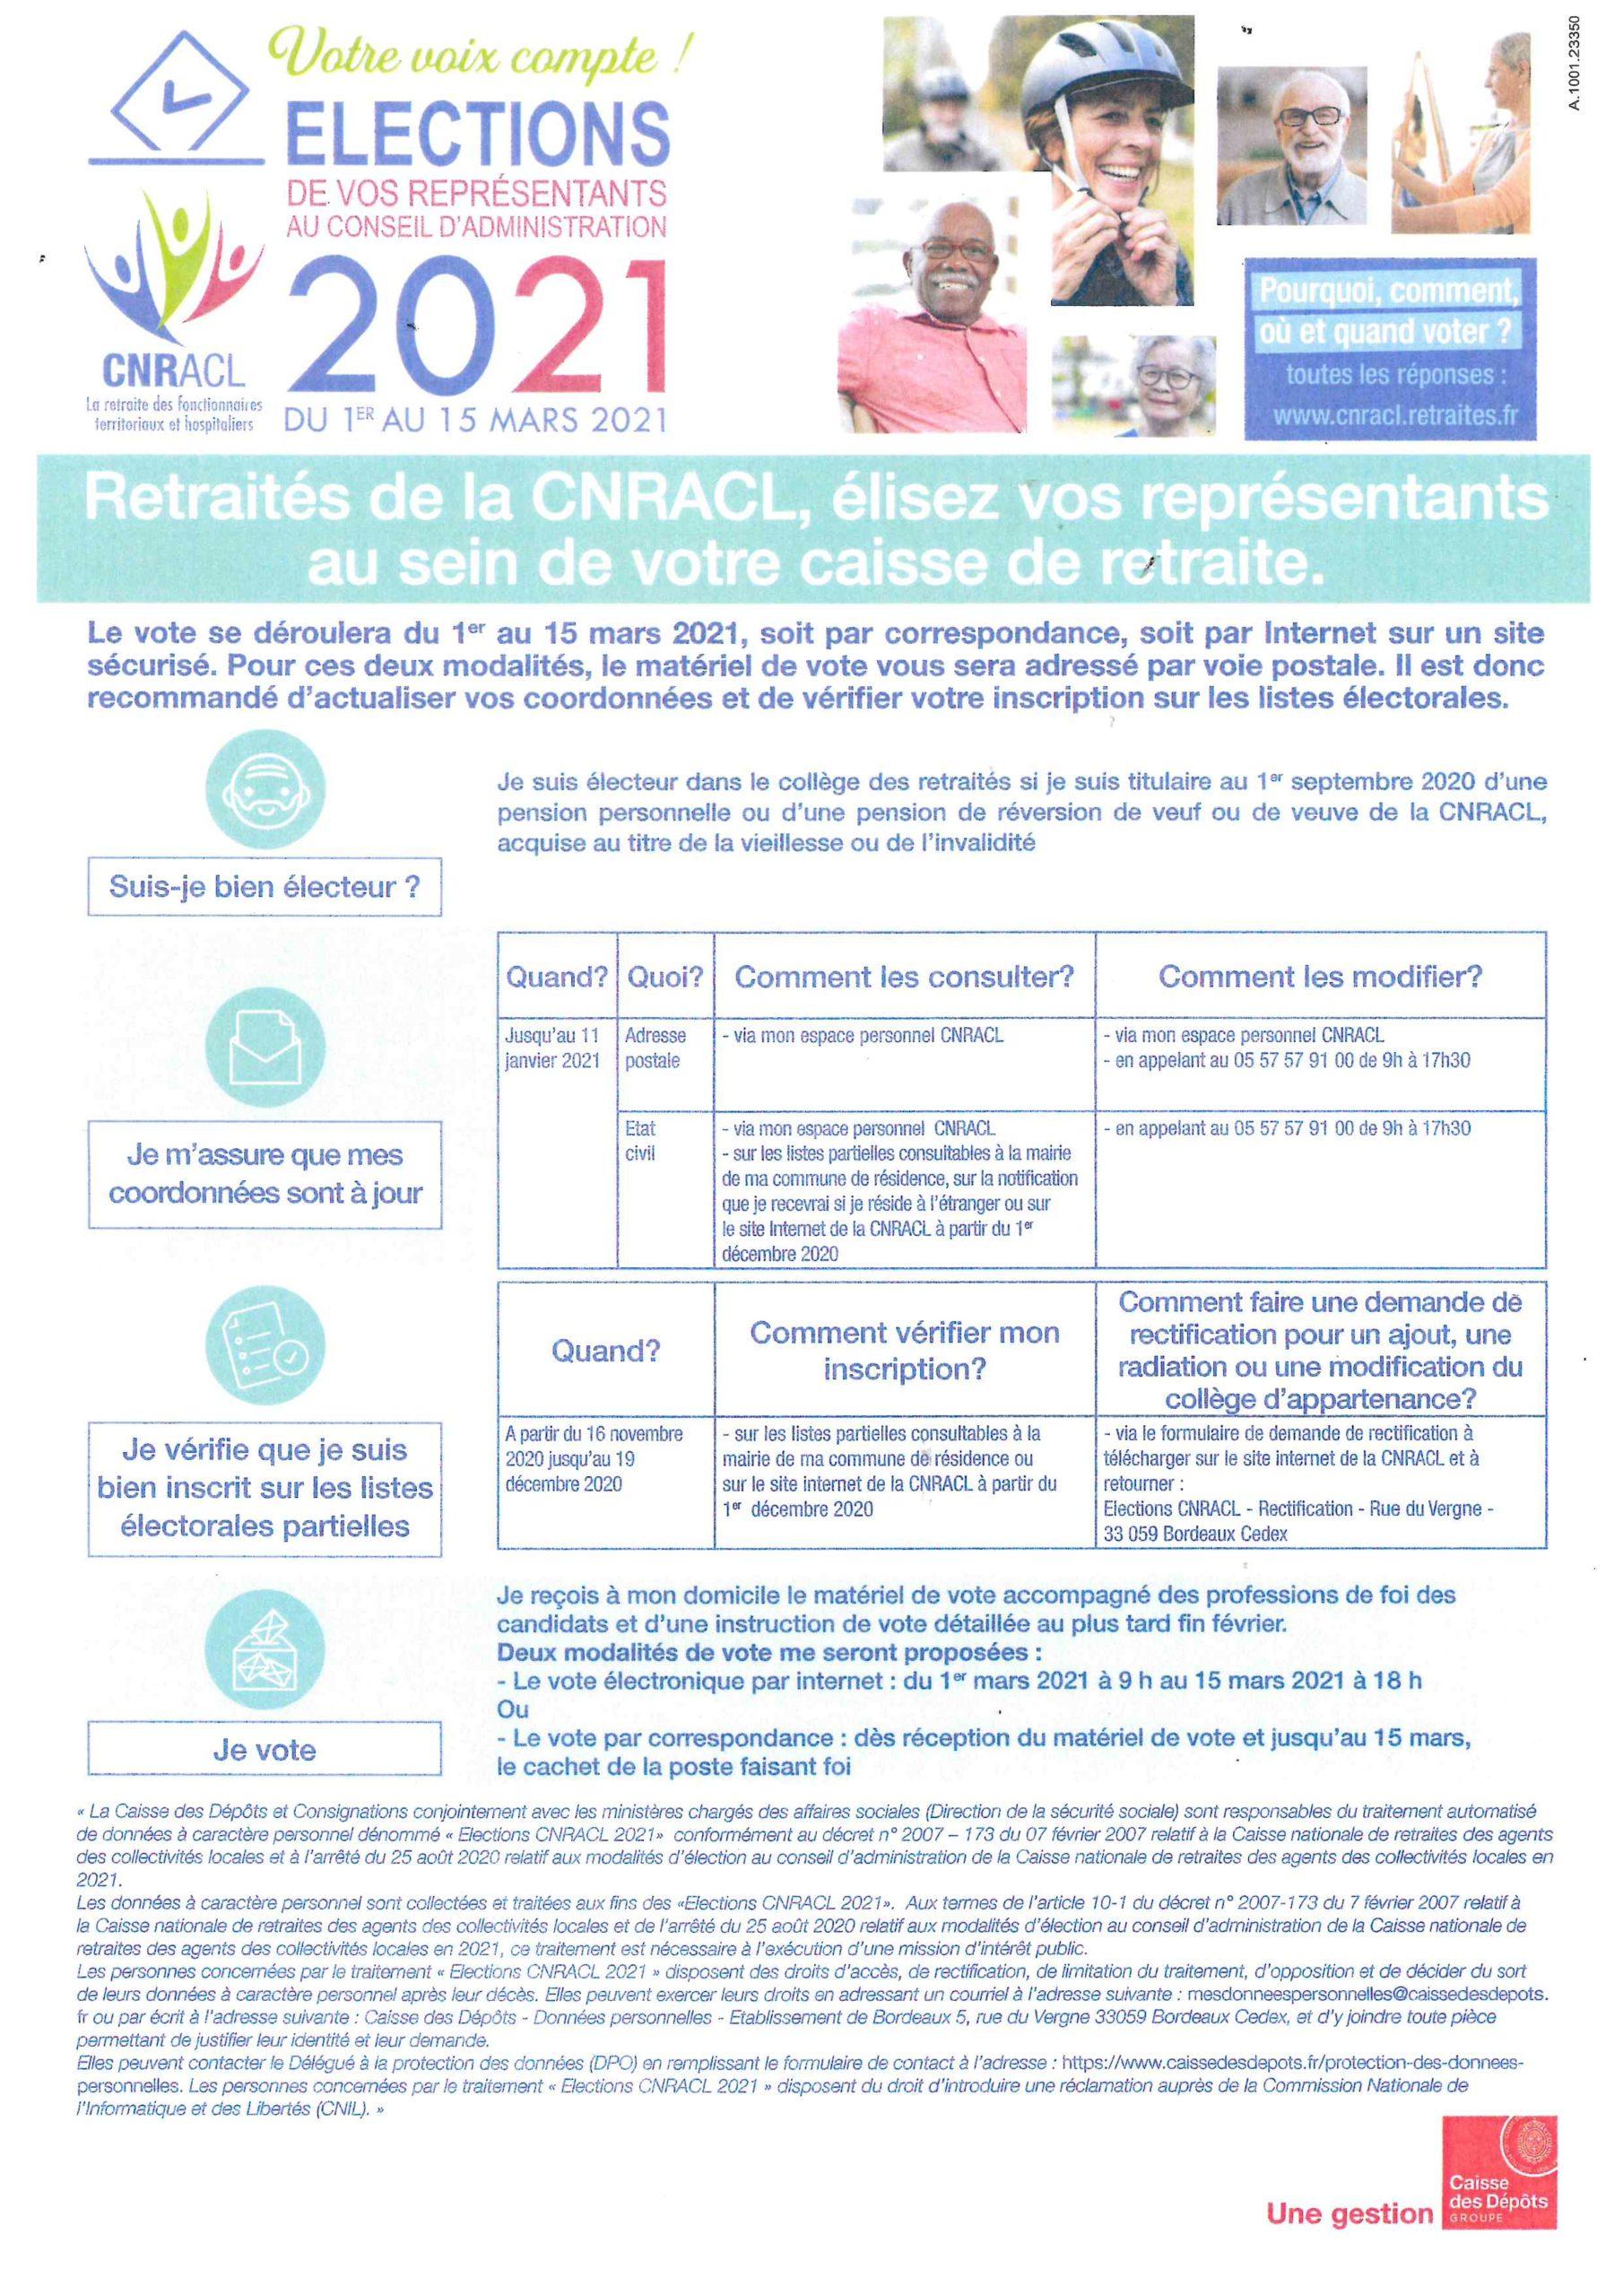 Avis Aux Retraités De La CNRACL – ELECTIONS DE VOS REPRESENTANTS